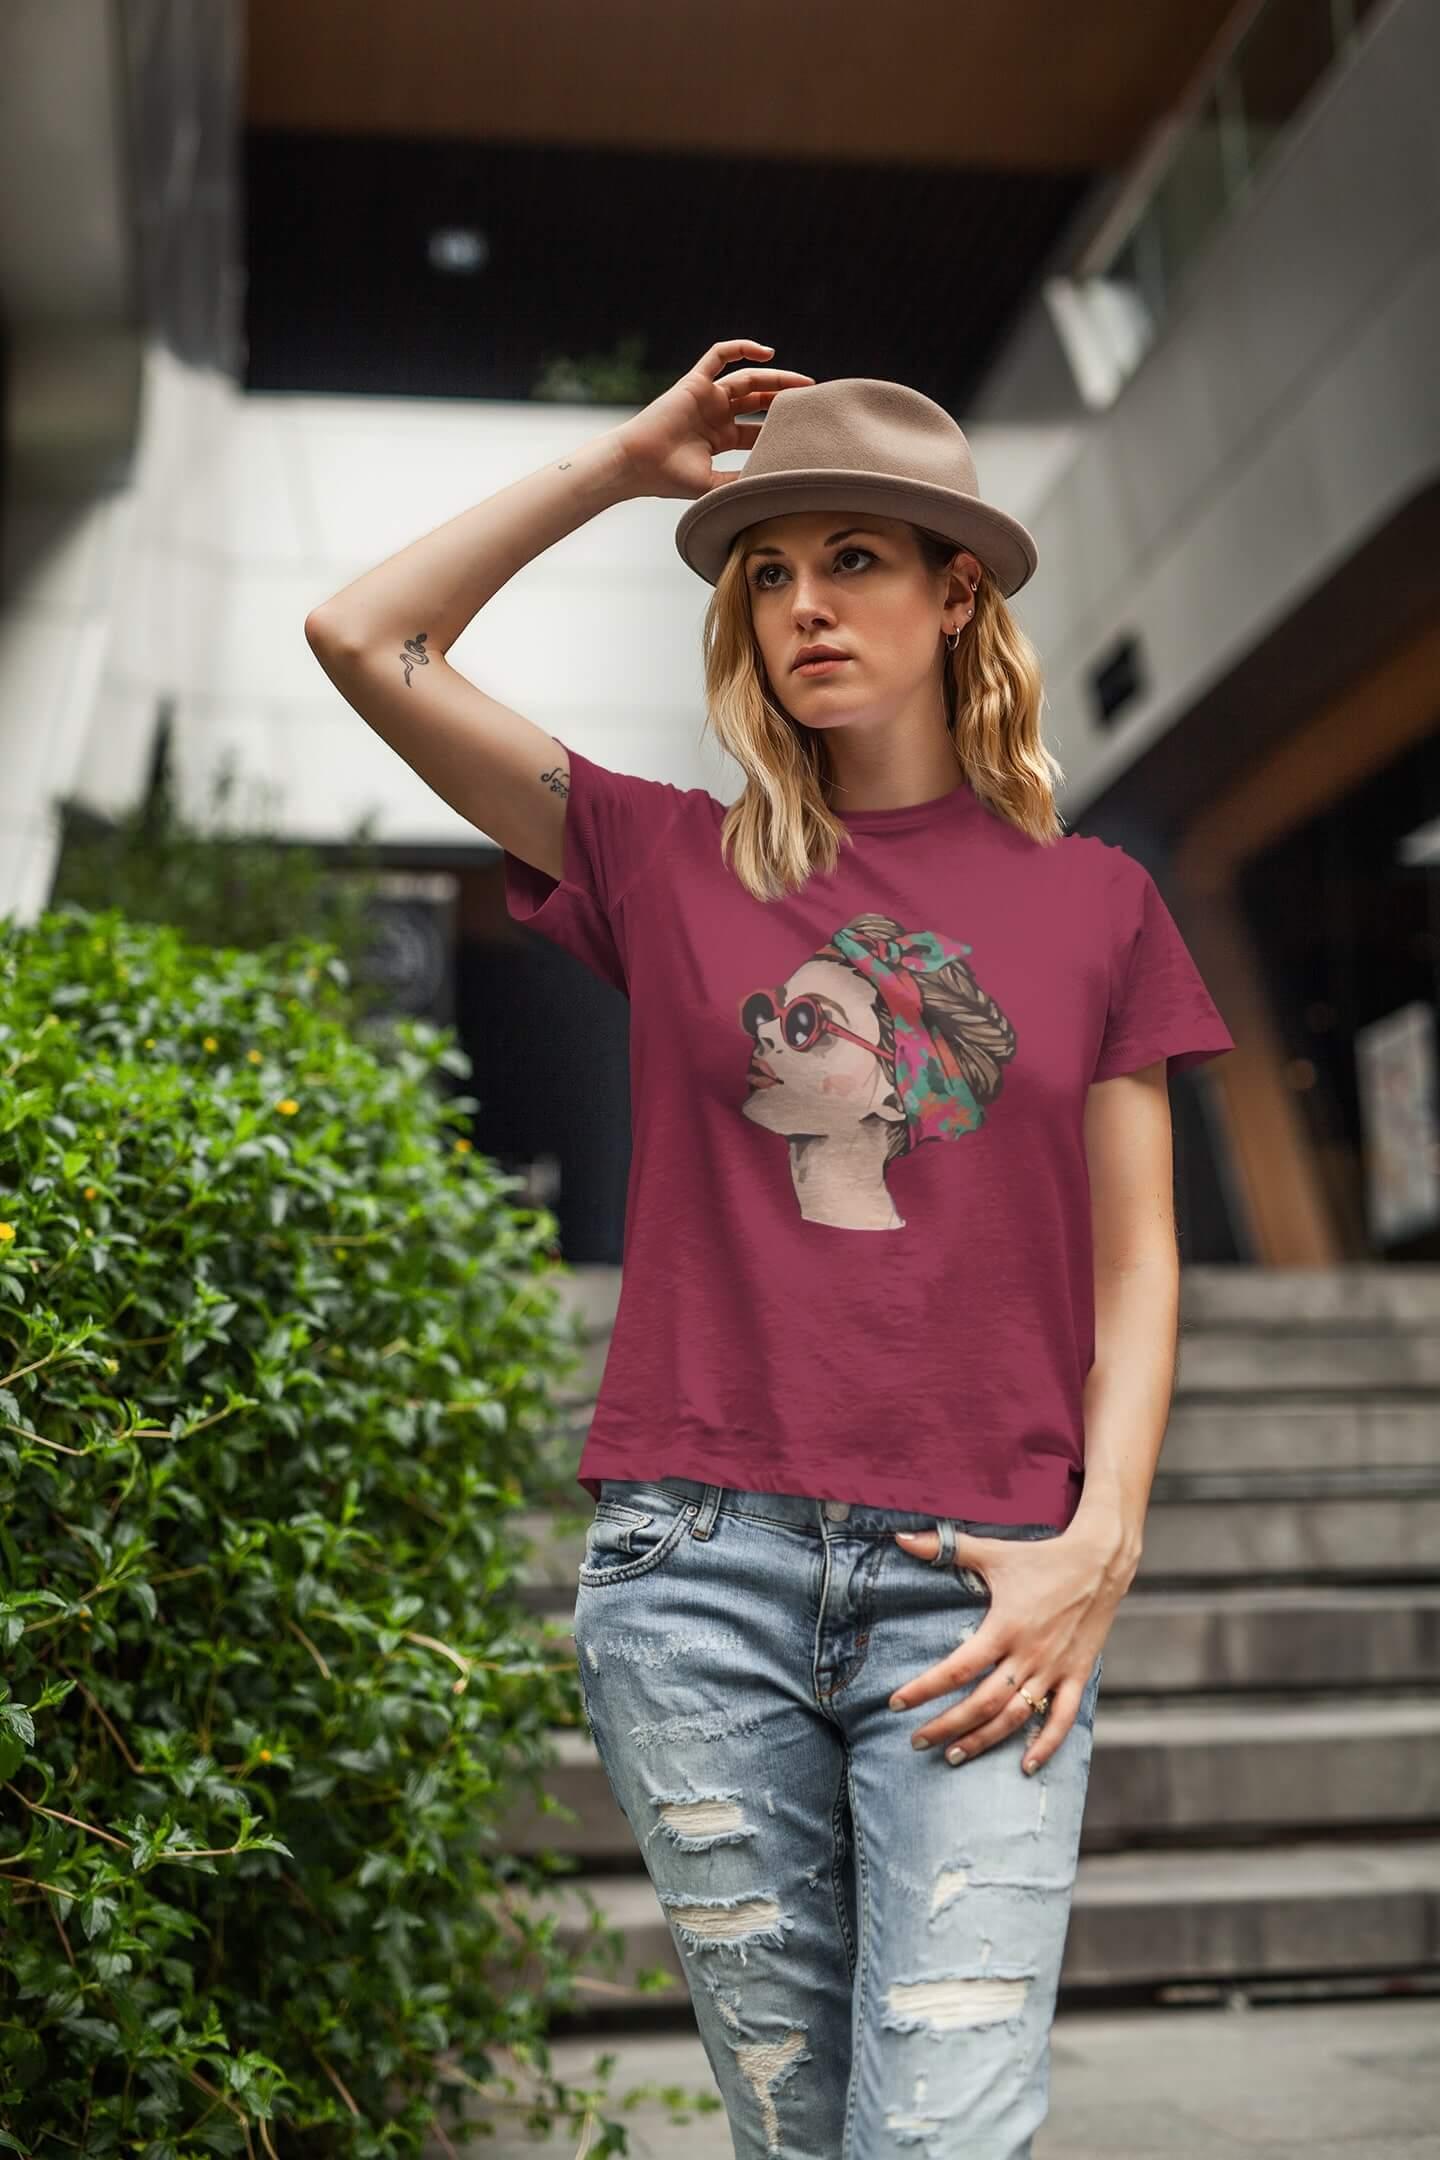 MMO Dámske tričko Dievča s okuliarmi Vyberte farbu: Marlboro červená, Vyberte veľkosť: XL